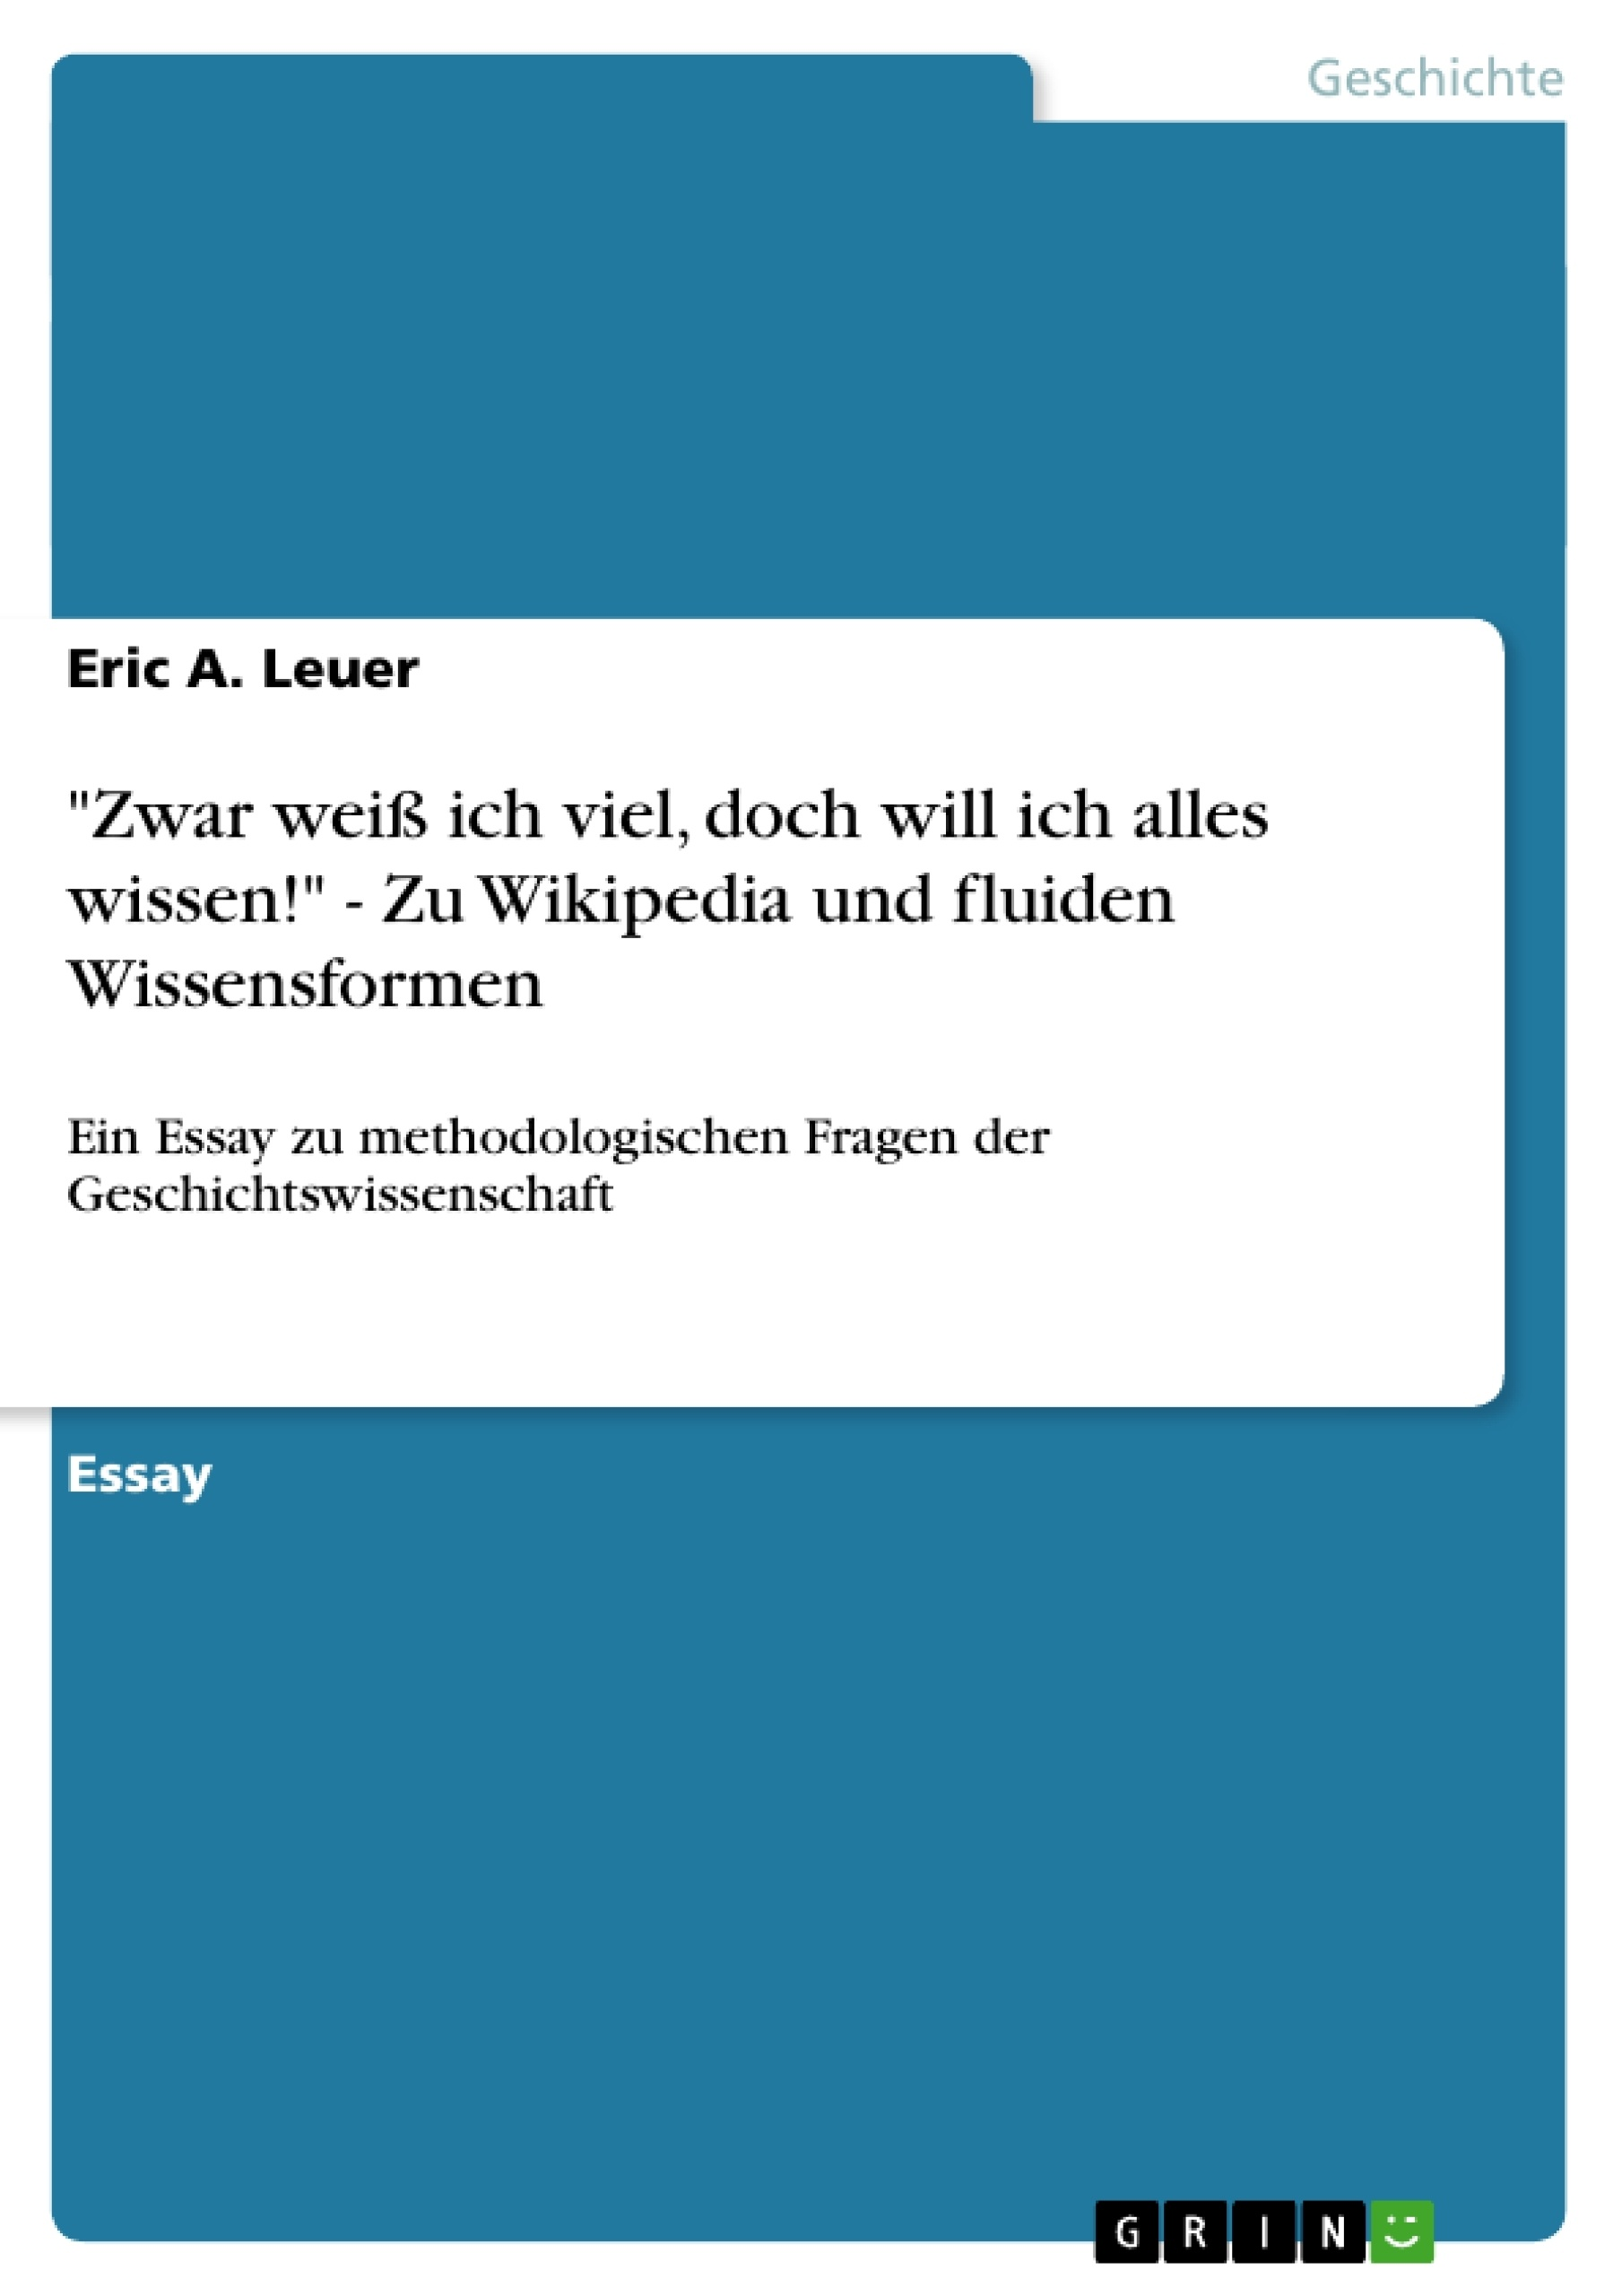 """Titel: """"Zwar weiß ich viel, doch will ich alles wissen!"""" - Zu Wikipedia und fluiden Wissensformen"""